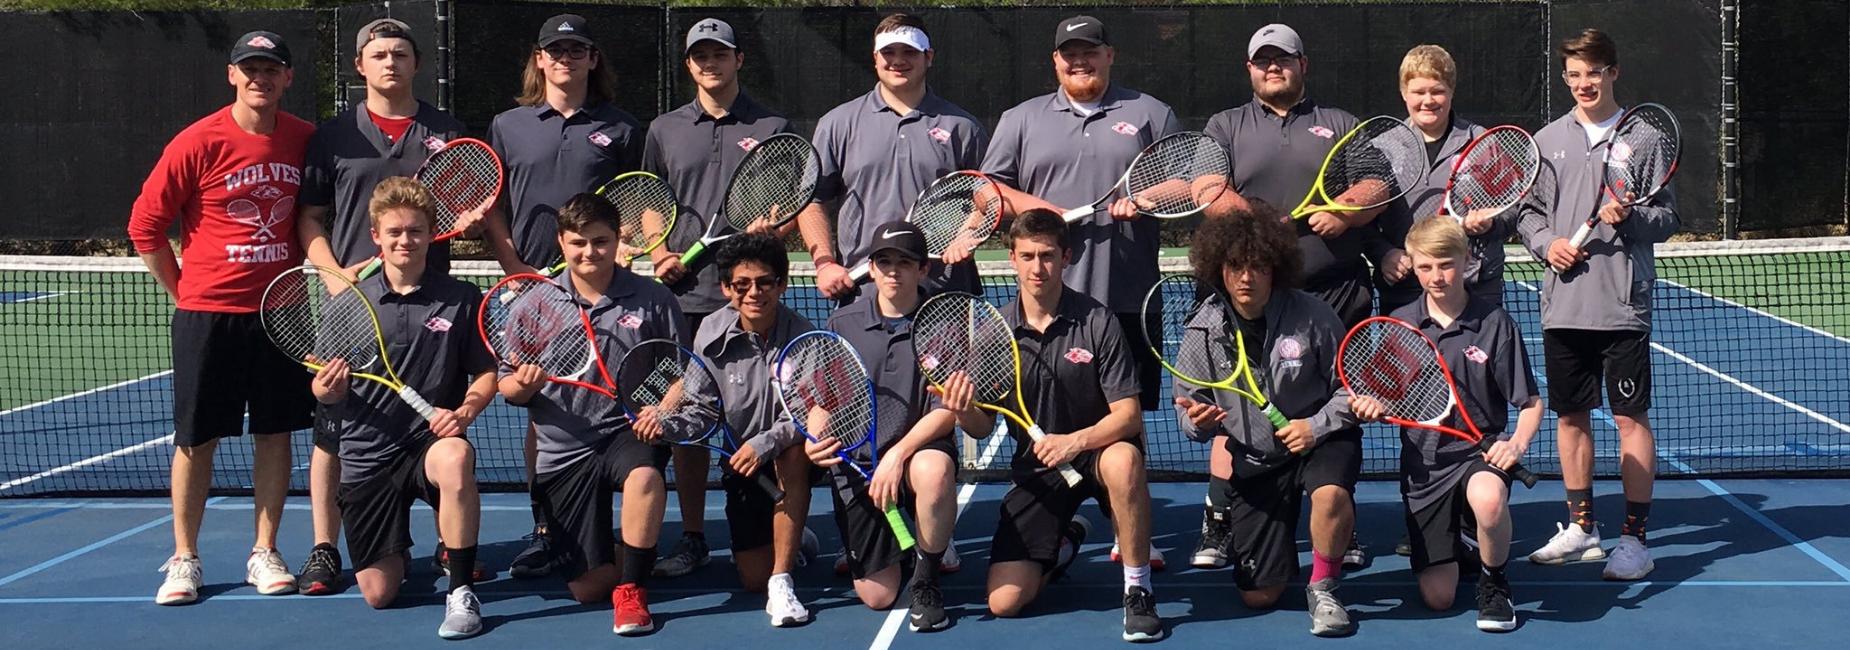 RSHS Boys Tennis Team